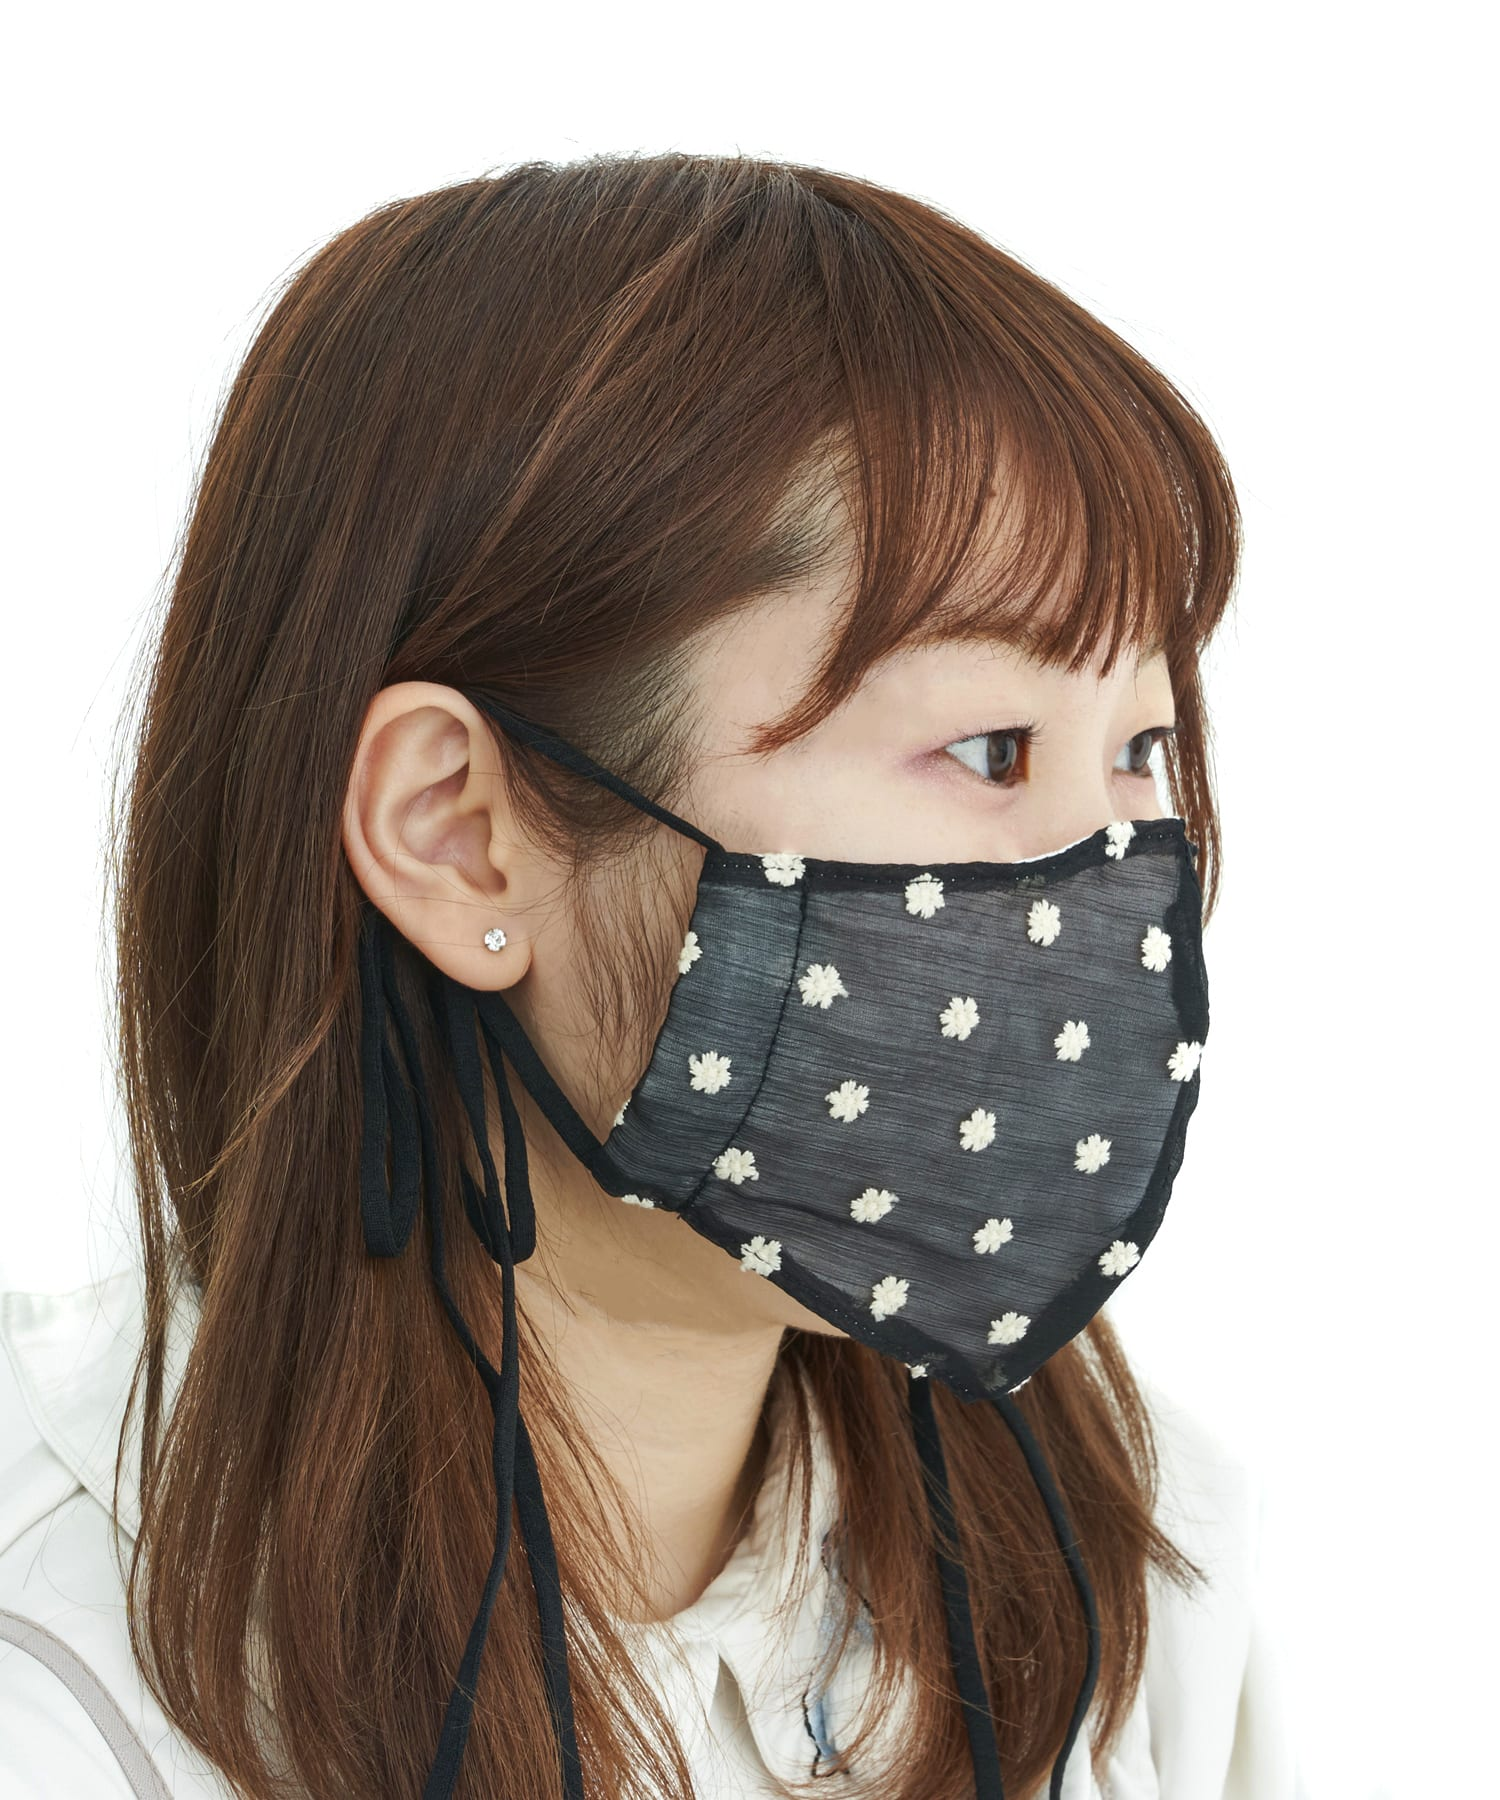 ASOKO(アソコ) レディース 《刺繍がポイント!》フラワーオーガンジーマスク ブラック